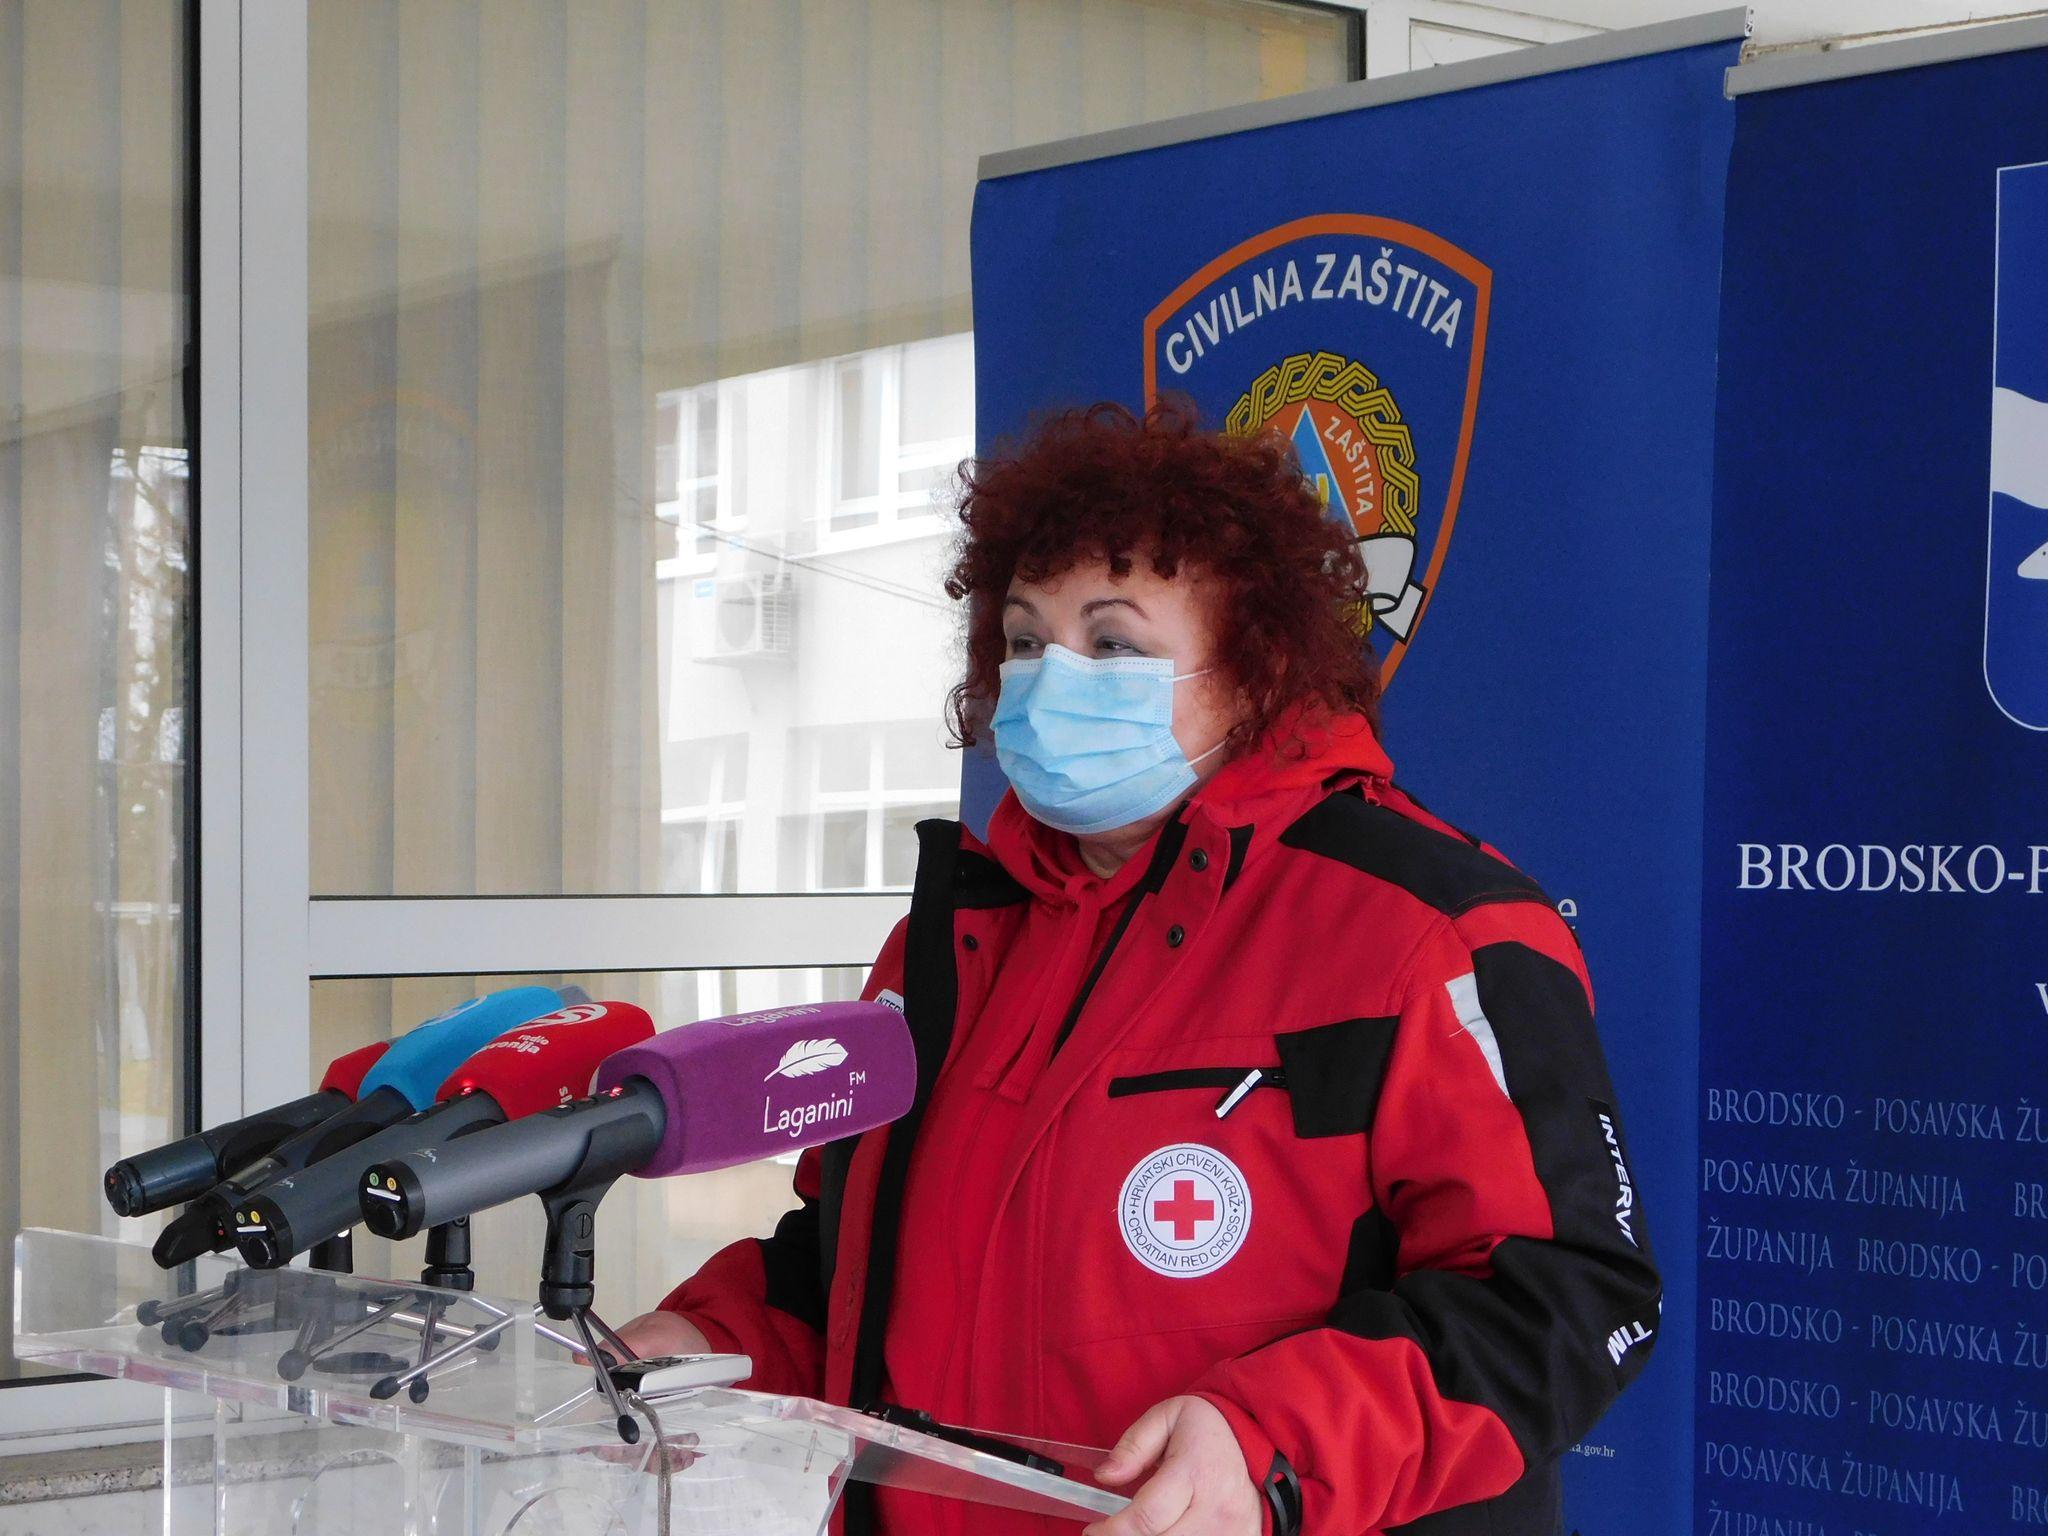 Preko 350 stanovnika Sisačko-moslovačke županije smješteno je u BPŽ, prikupljeno je 16 tona pomoći